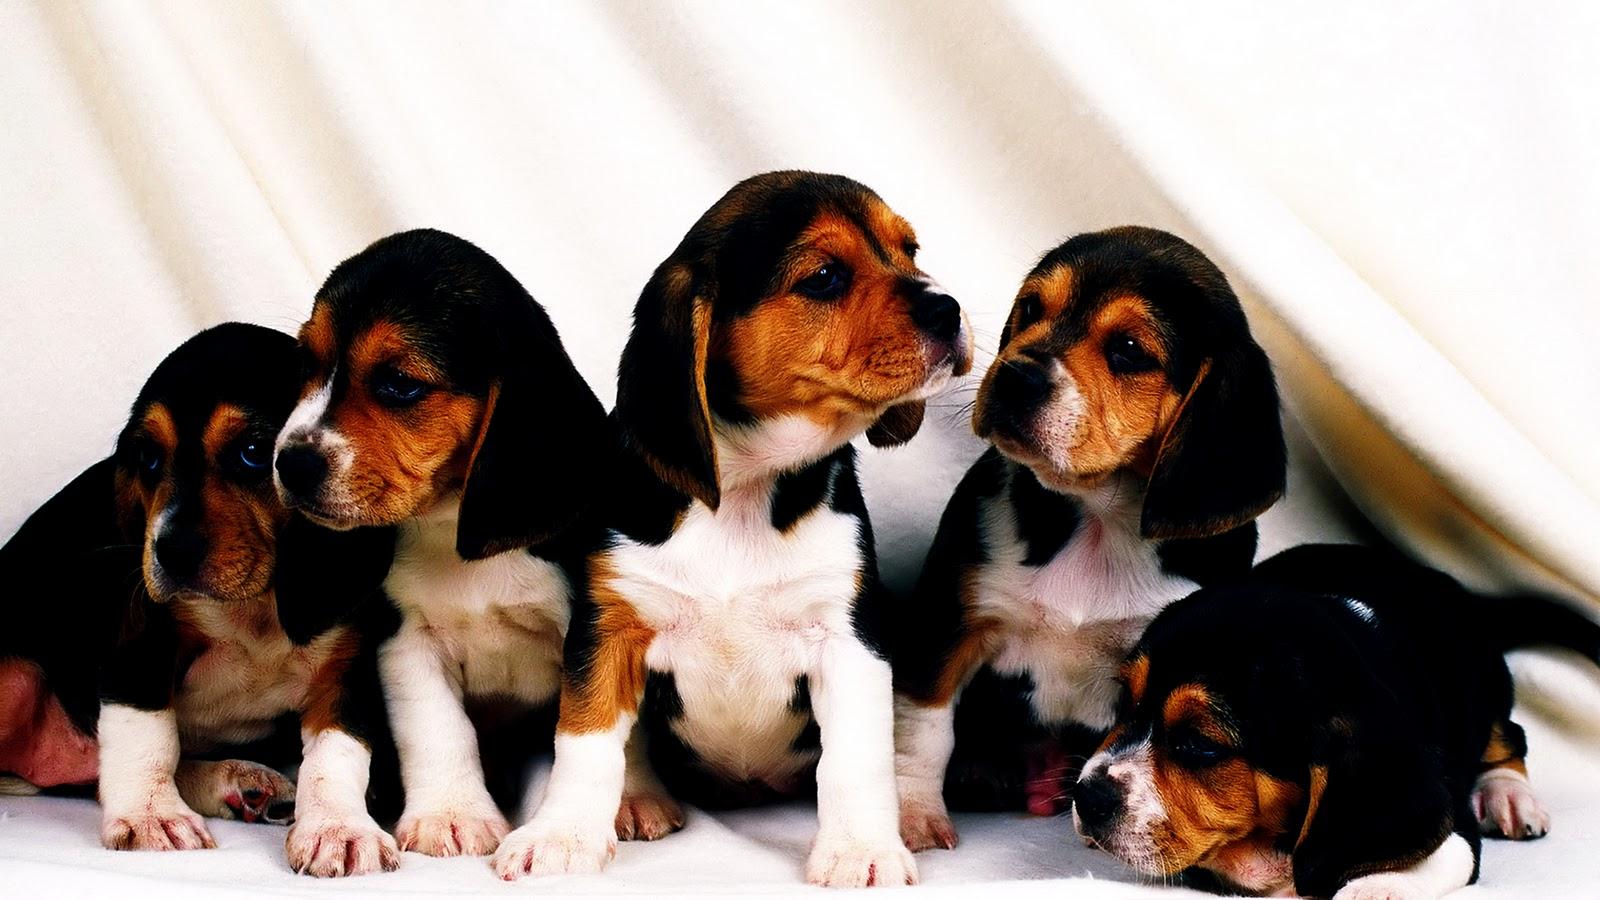 http://3.bp.blogspot.com/-qp9kTFcHeiM/TxICkdNINsI/AAAAAAAAAVM/xQEZlTR7RA4/s1600/Sweet_Puppy_Brothers_Cute_HD_Wallpaper-Vvallpaper.Net.jpg